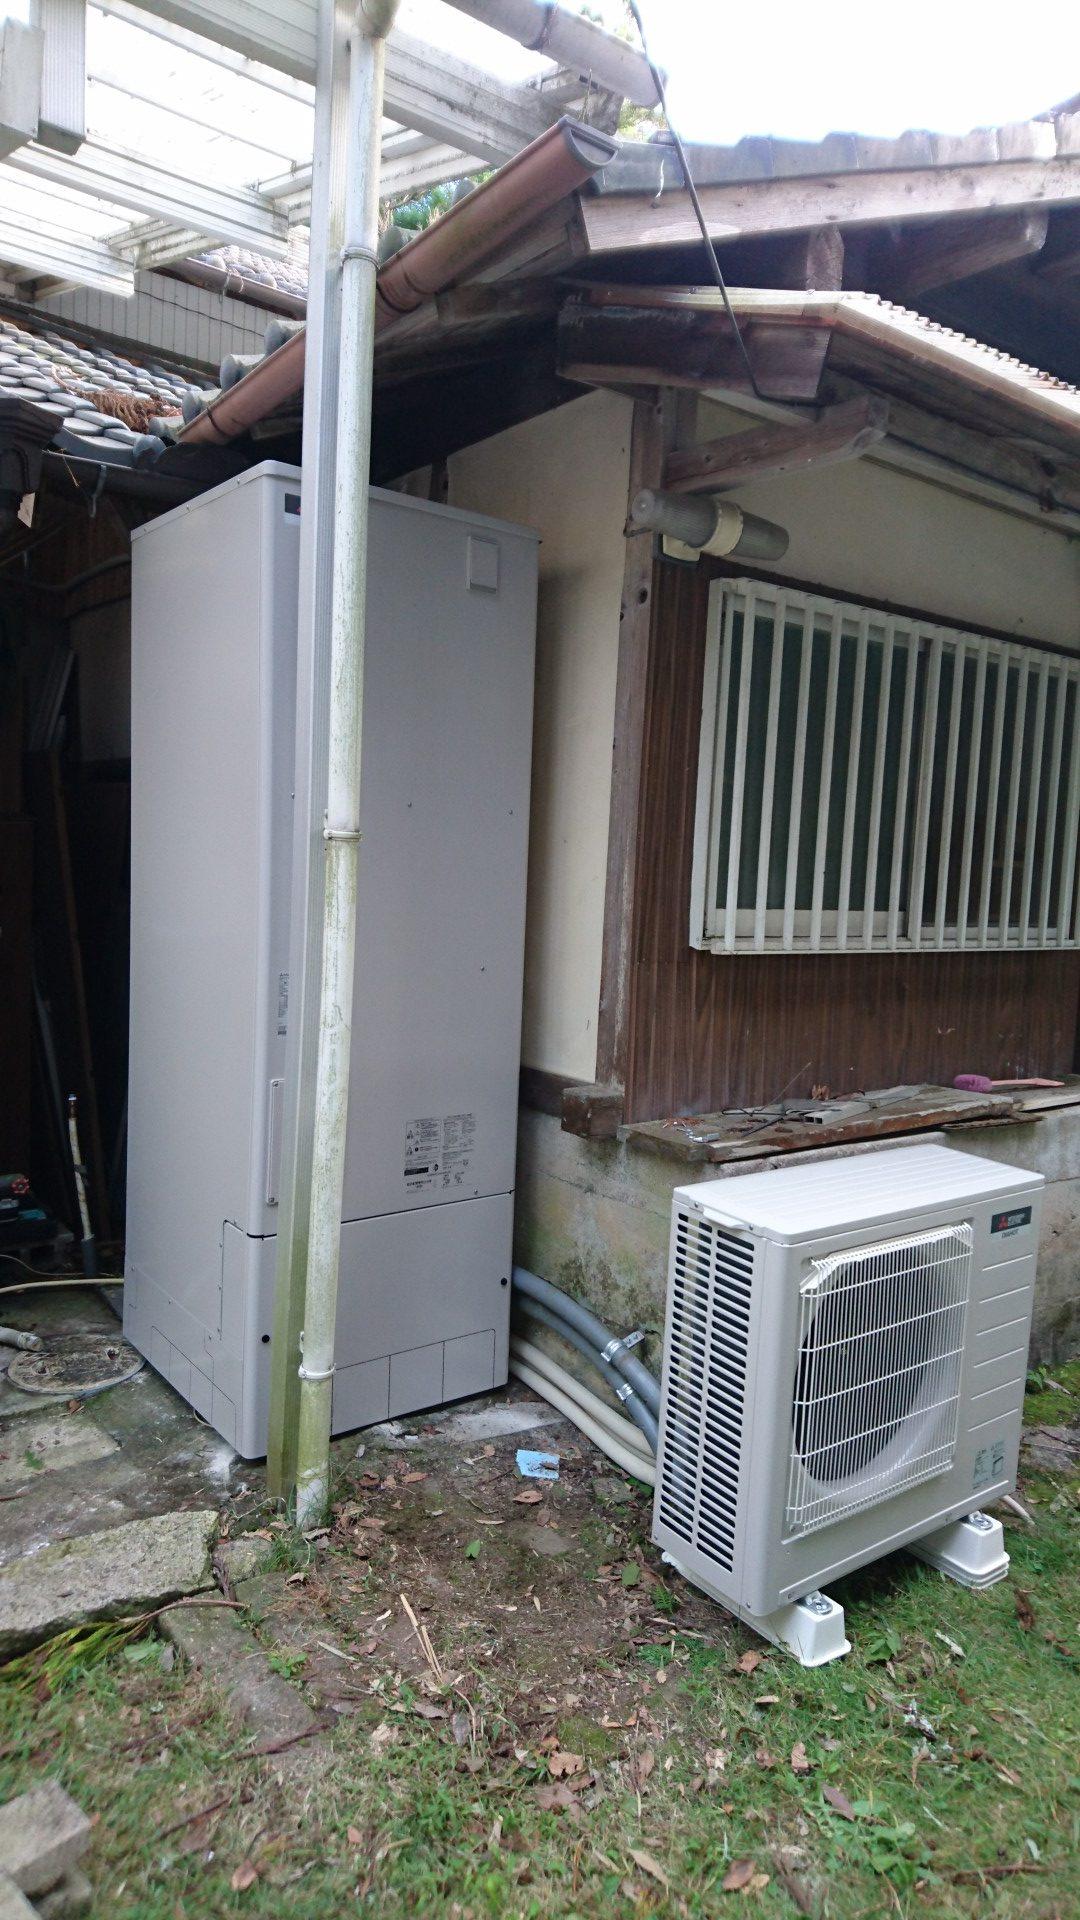 大阪府三菱エコキュートSRT-ST554U施工後の写真